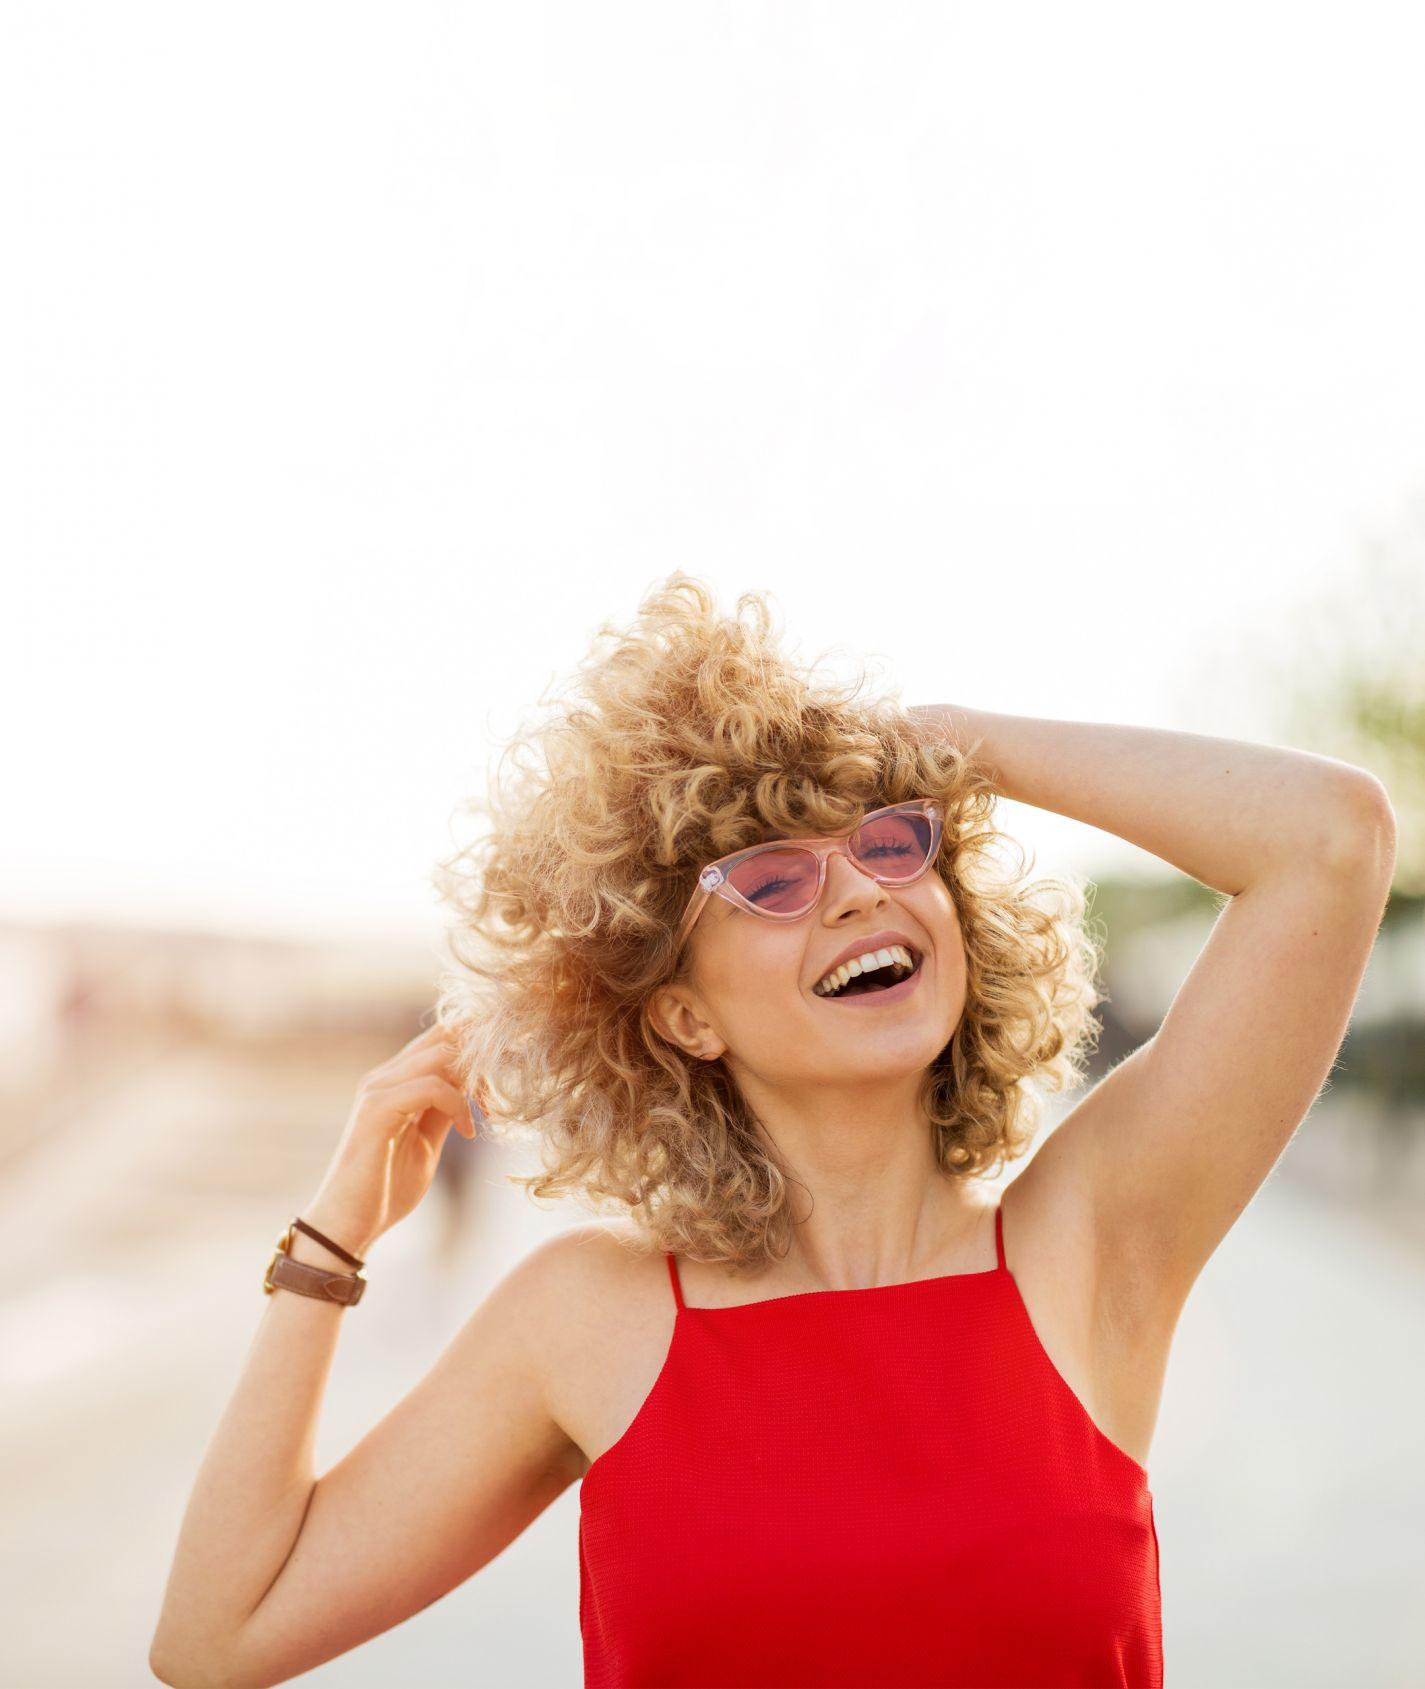 lachende junge Frau mit blonden Locken, rosa Sonnenbrille und rotem Oberteil fasst sich in ihre Haare